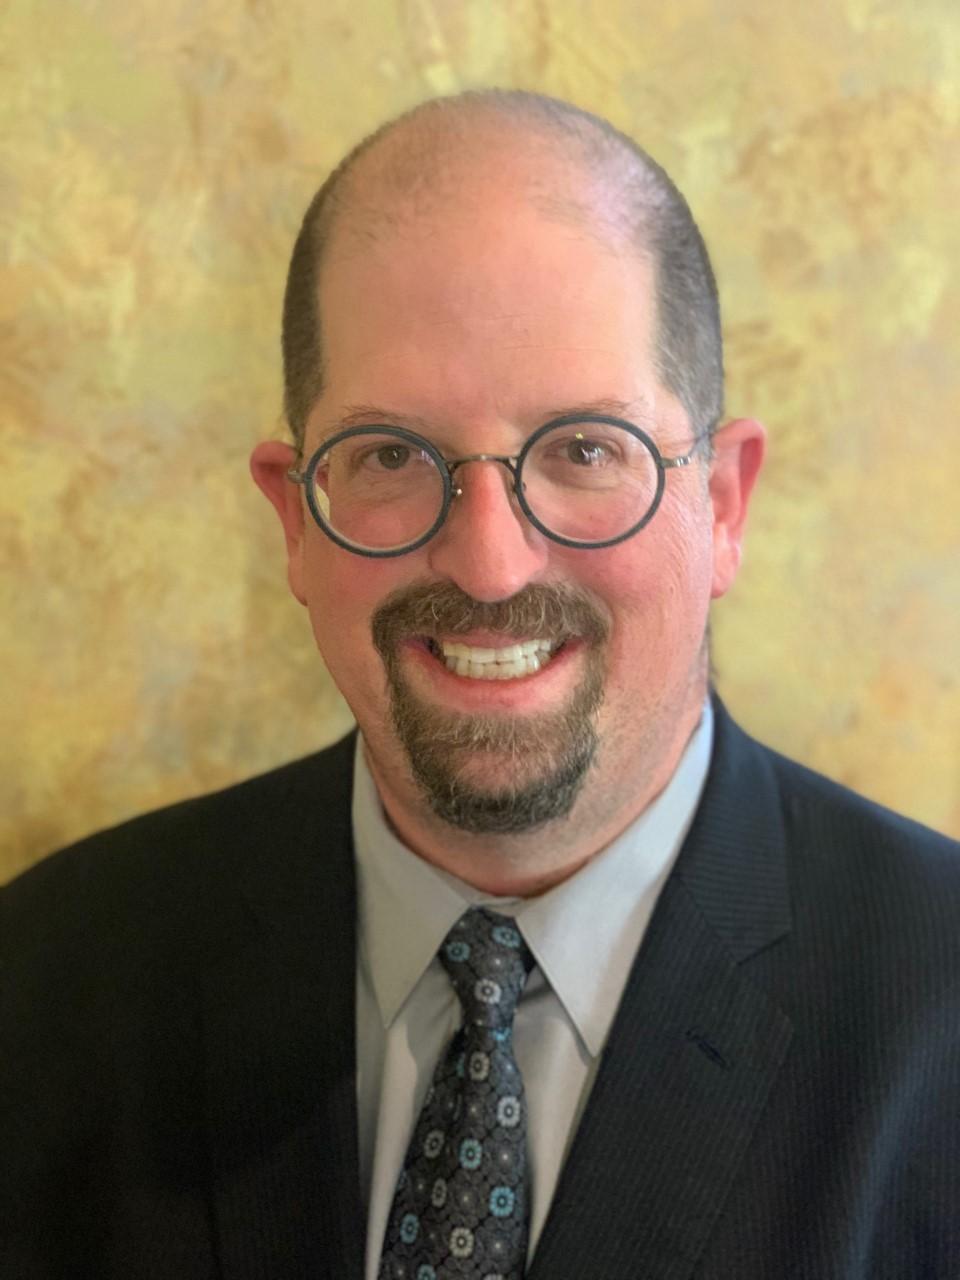 Jason F Simon PhD - Dr. Jason Simon